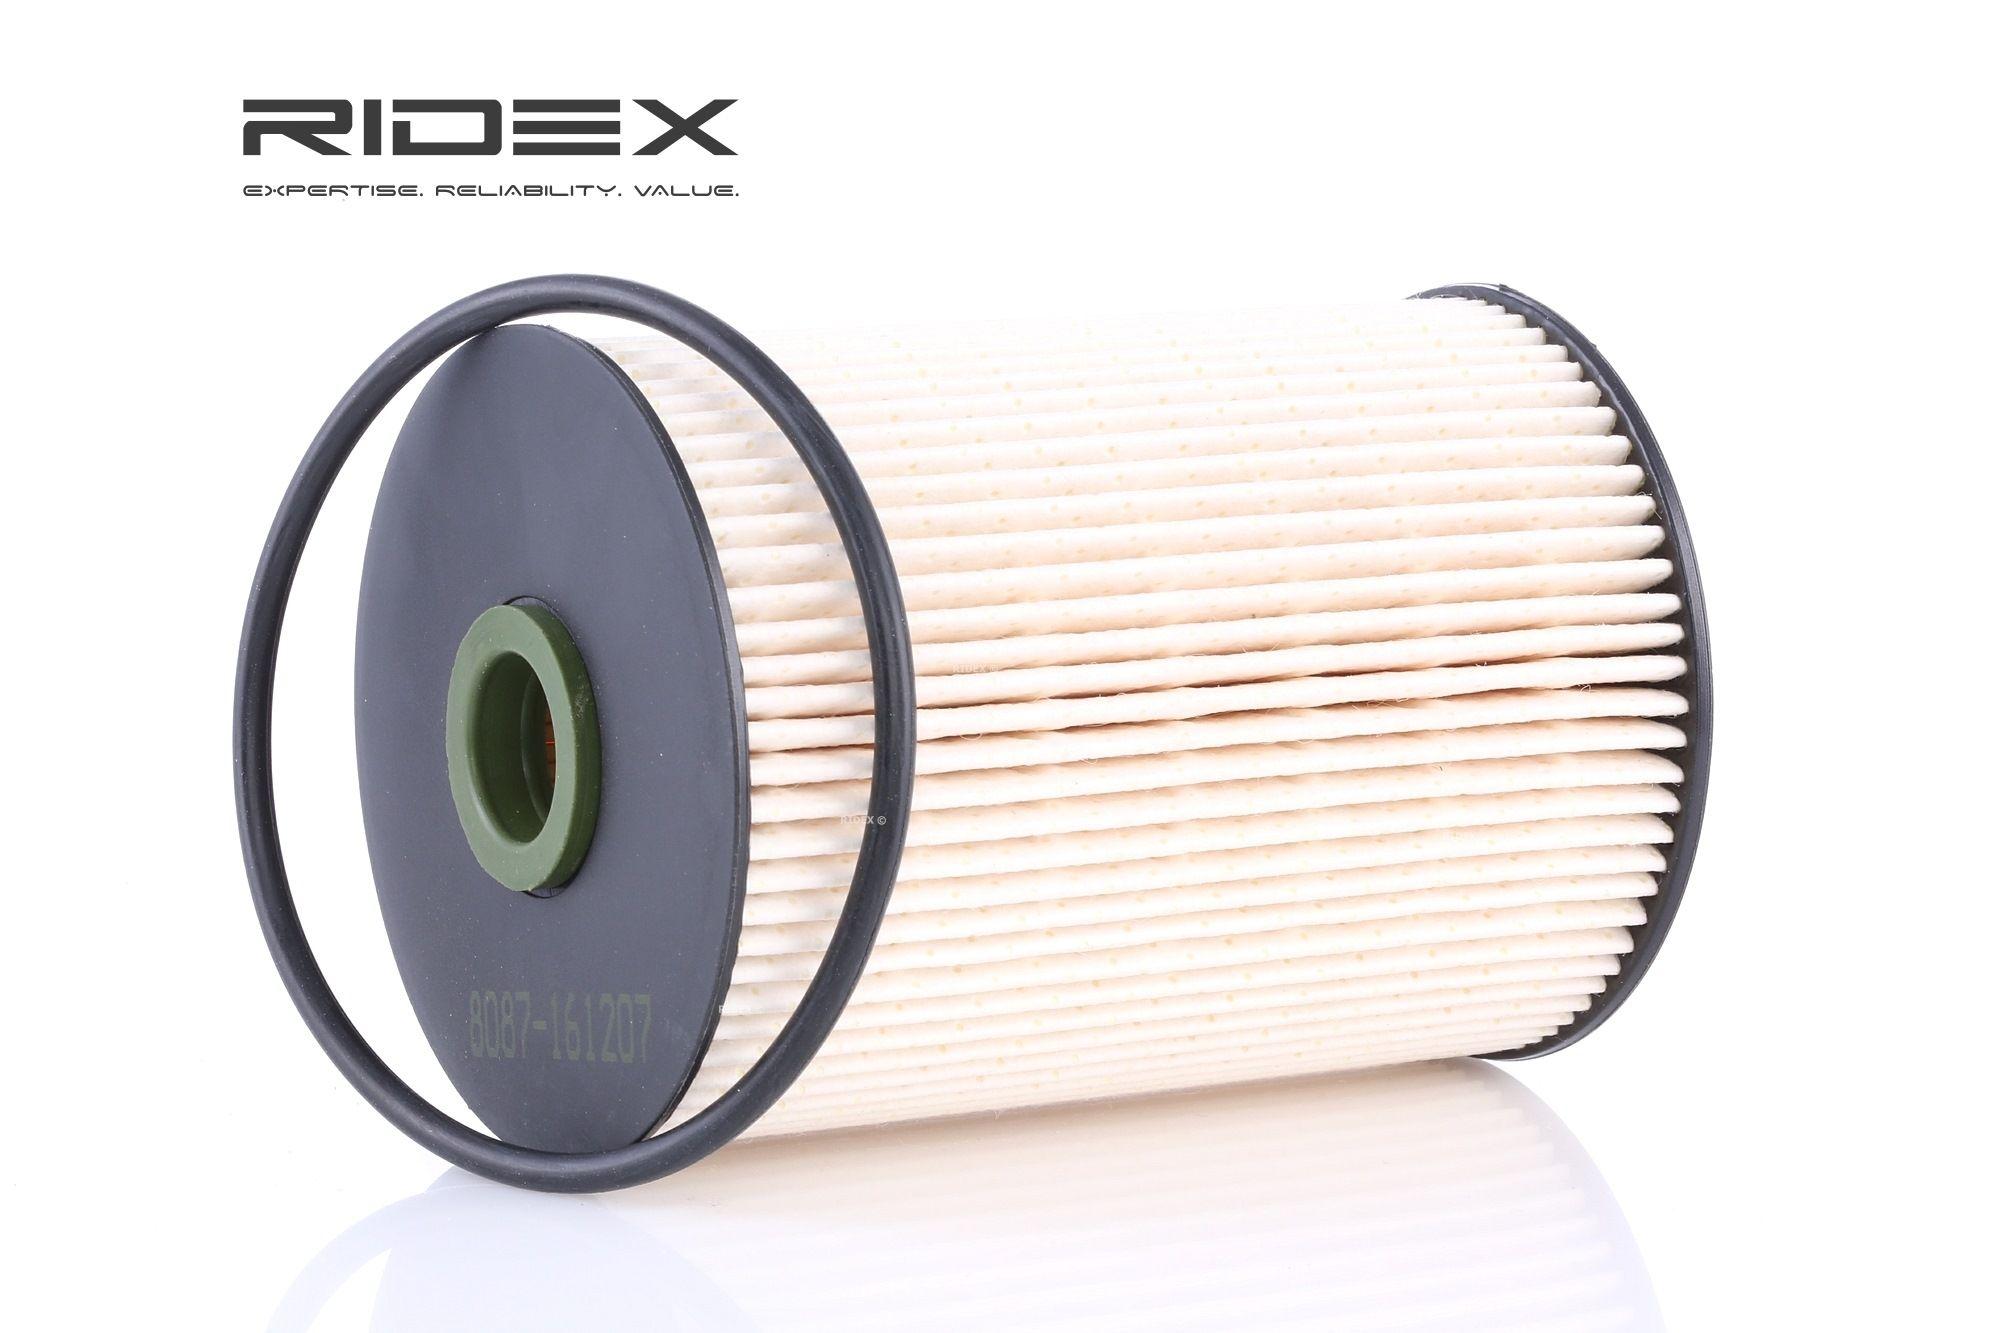 Palivový filtr 9F0033 s vynikajícím poměrem mezi cenou a RIDEX kvalitou